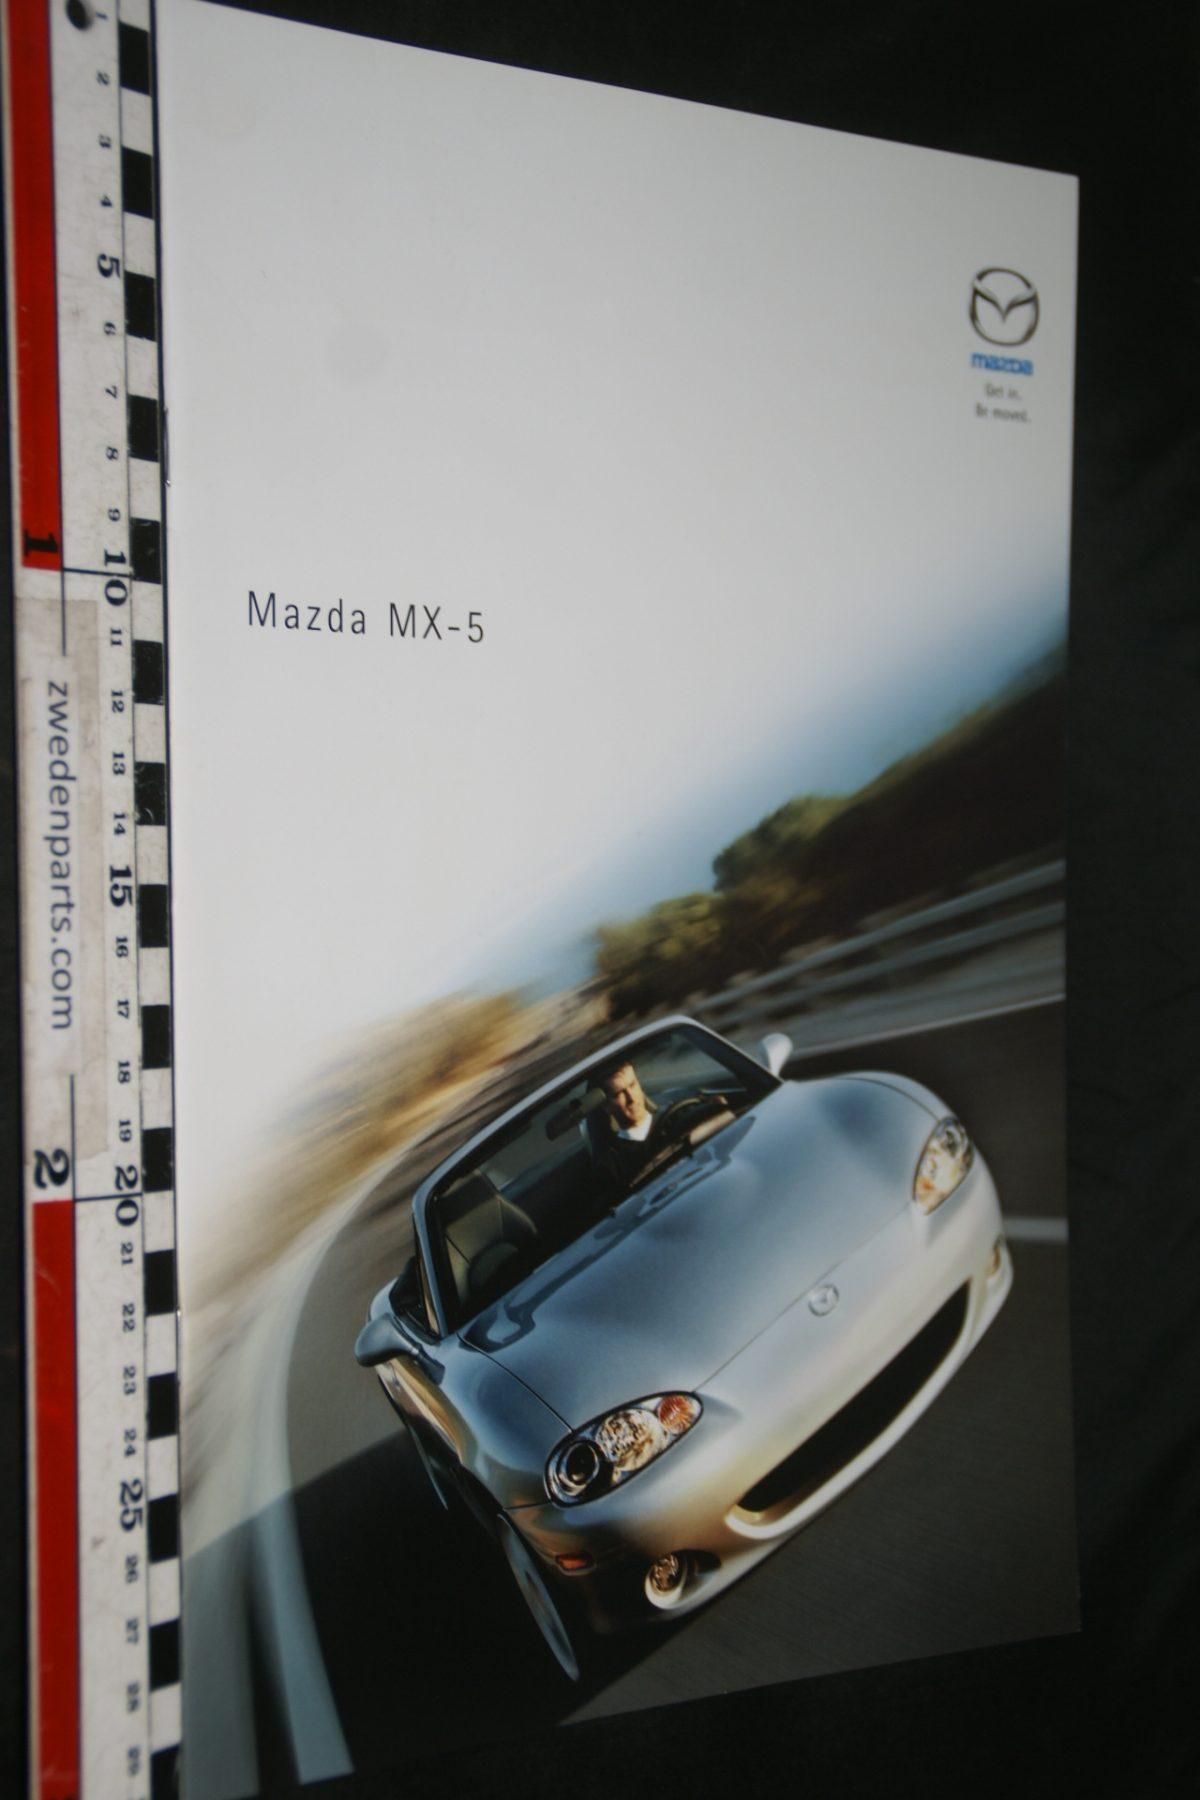 DSC04890 Mazda MX-5 brochure